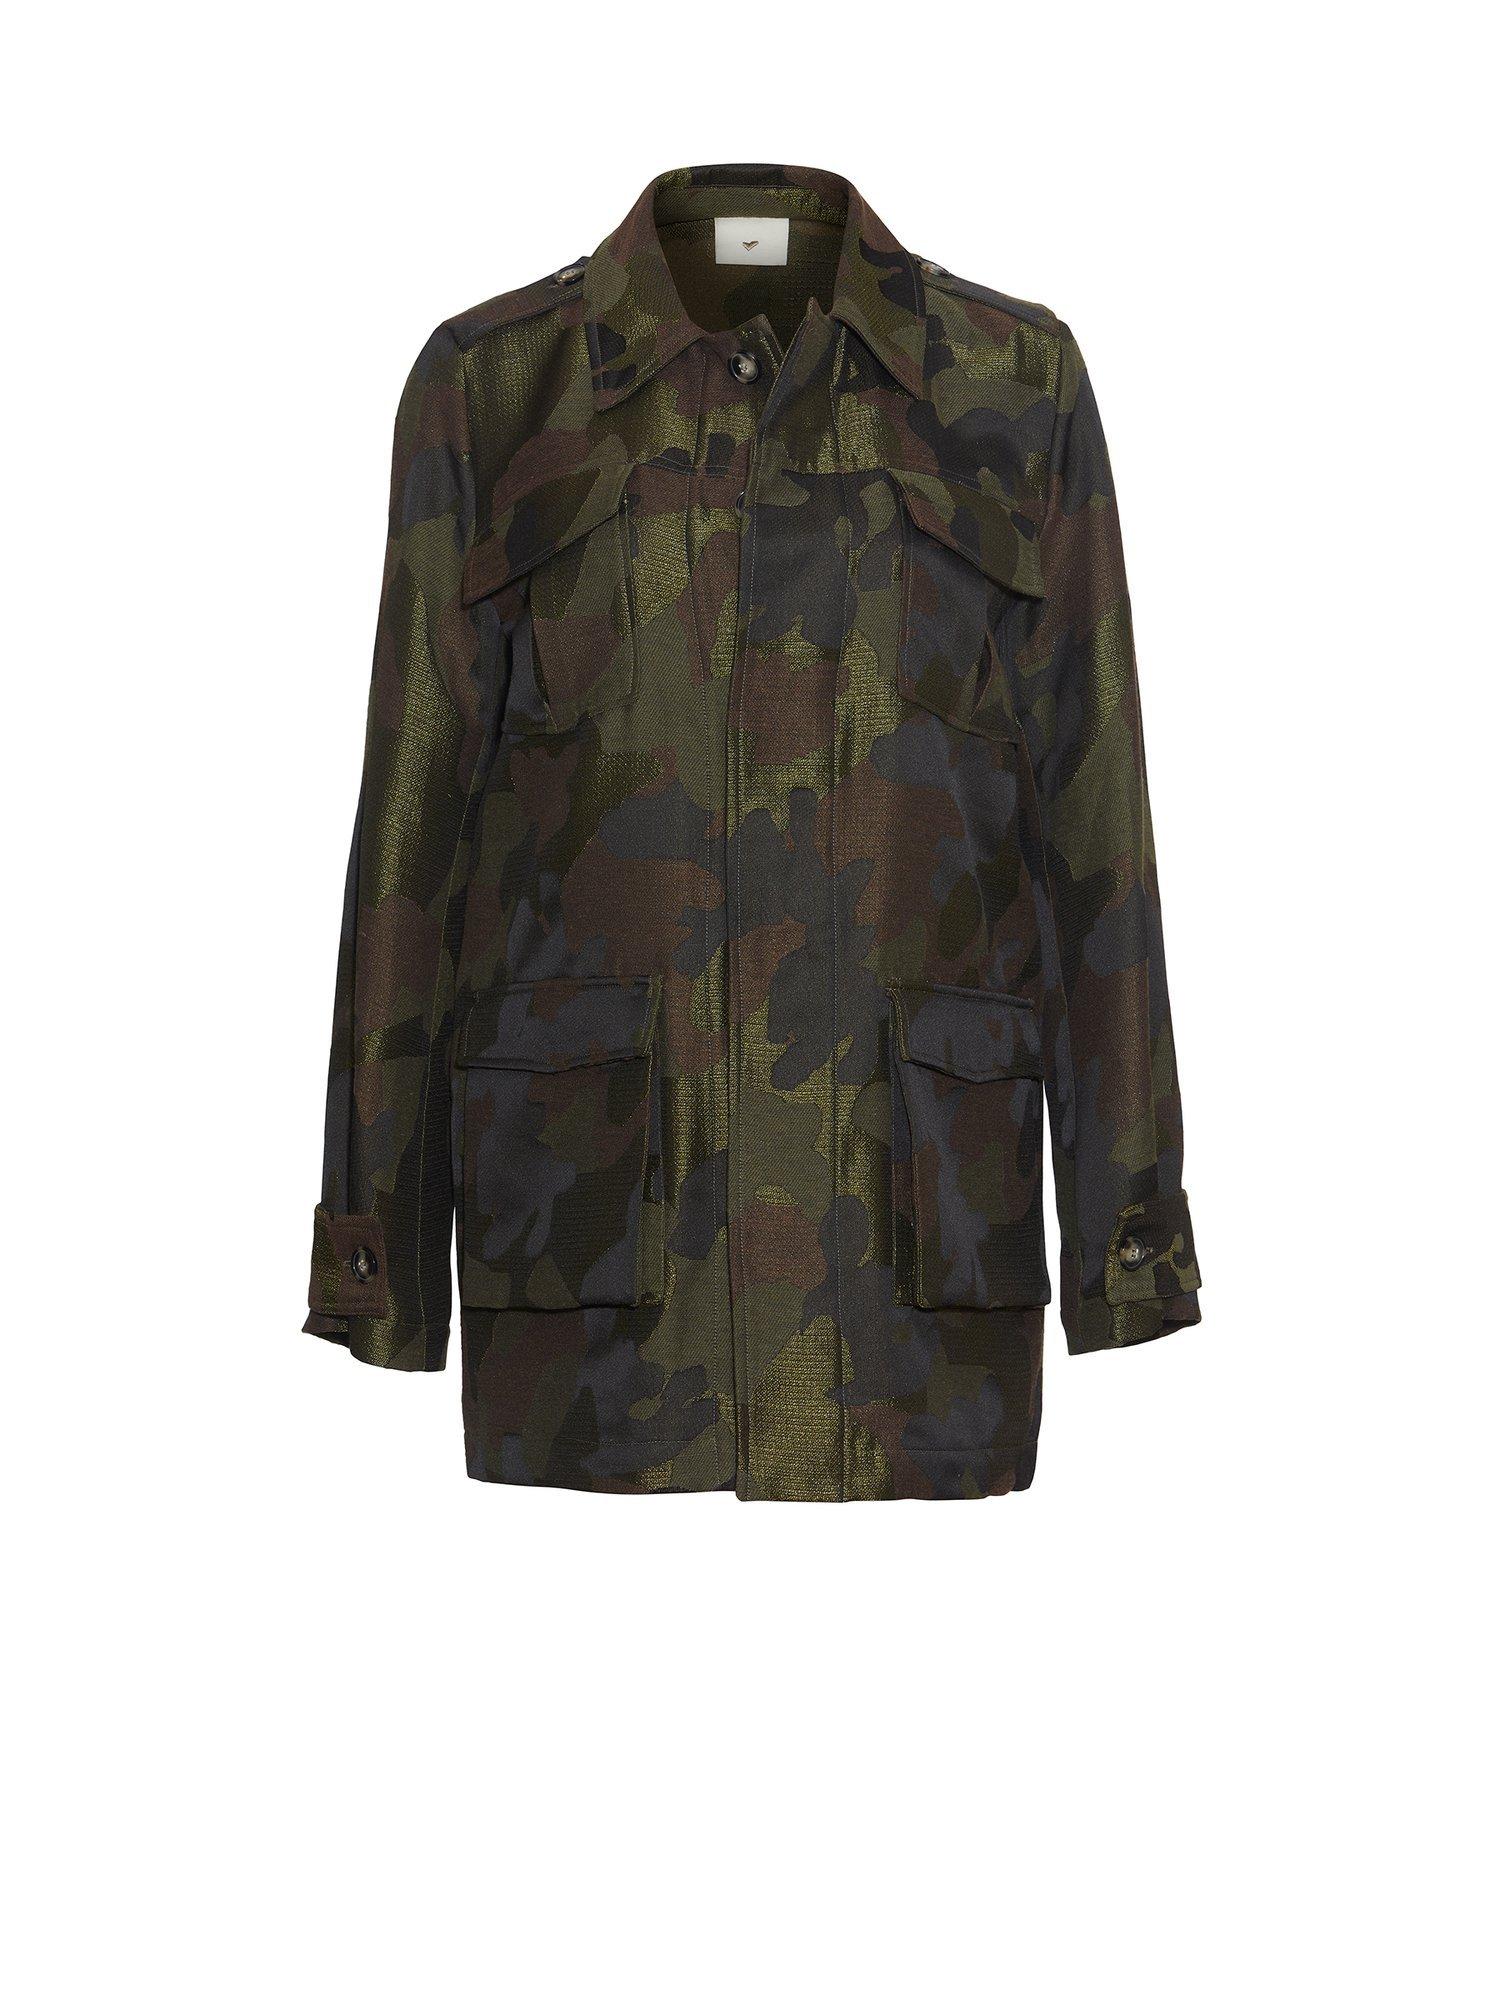 Heartmade/Julie Fagerholt Rela Jacket - 202 Camouflage